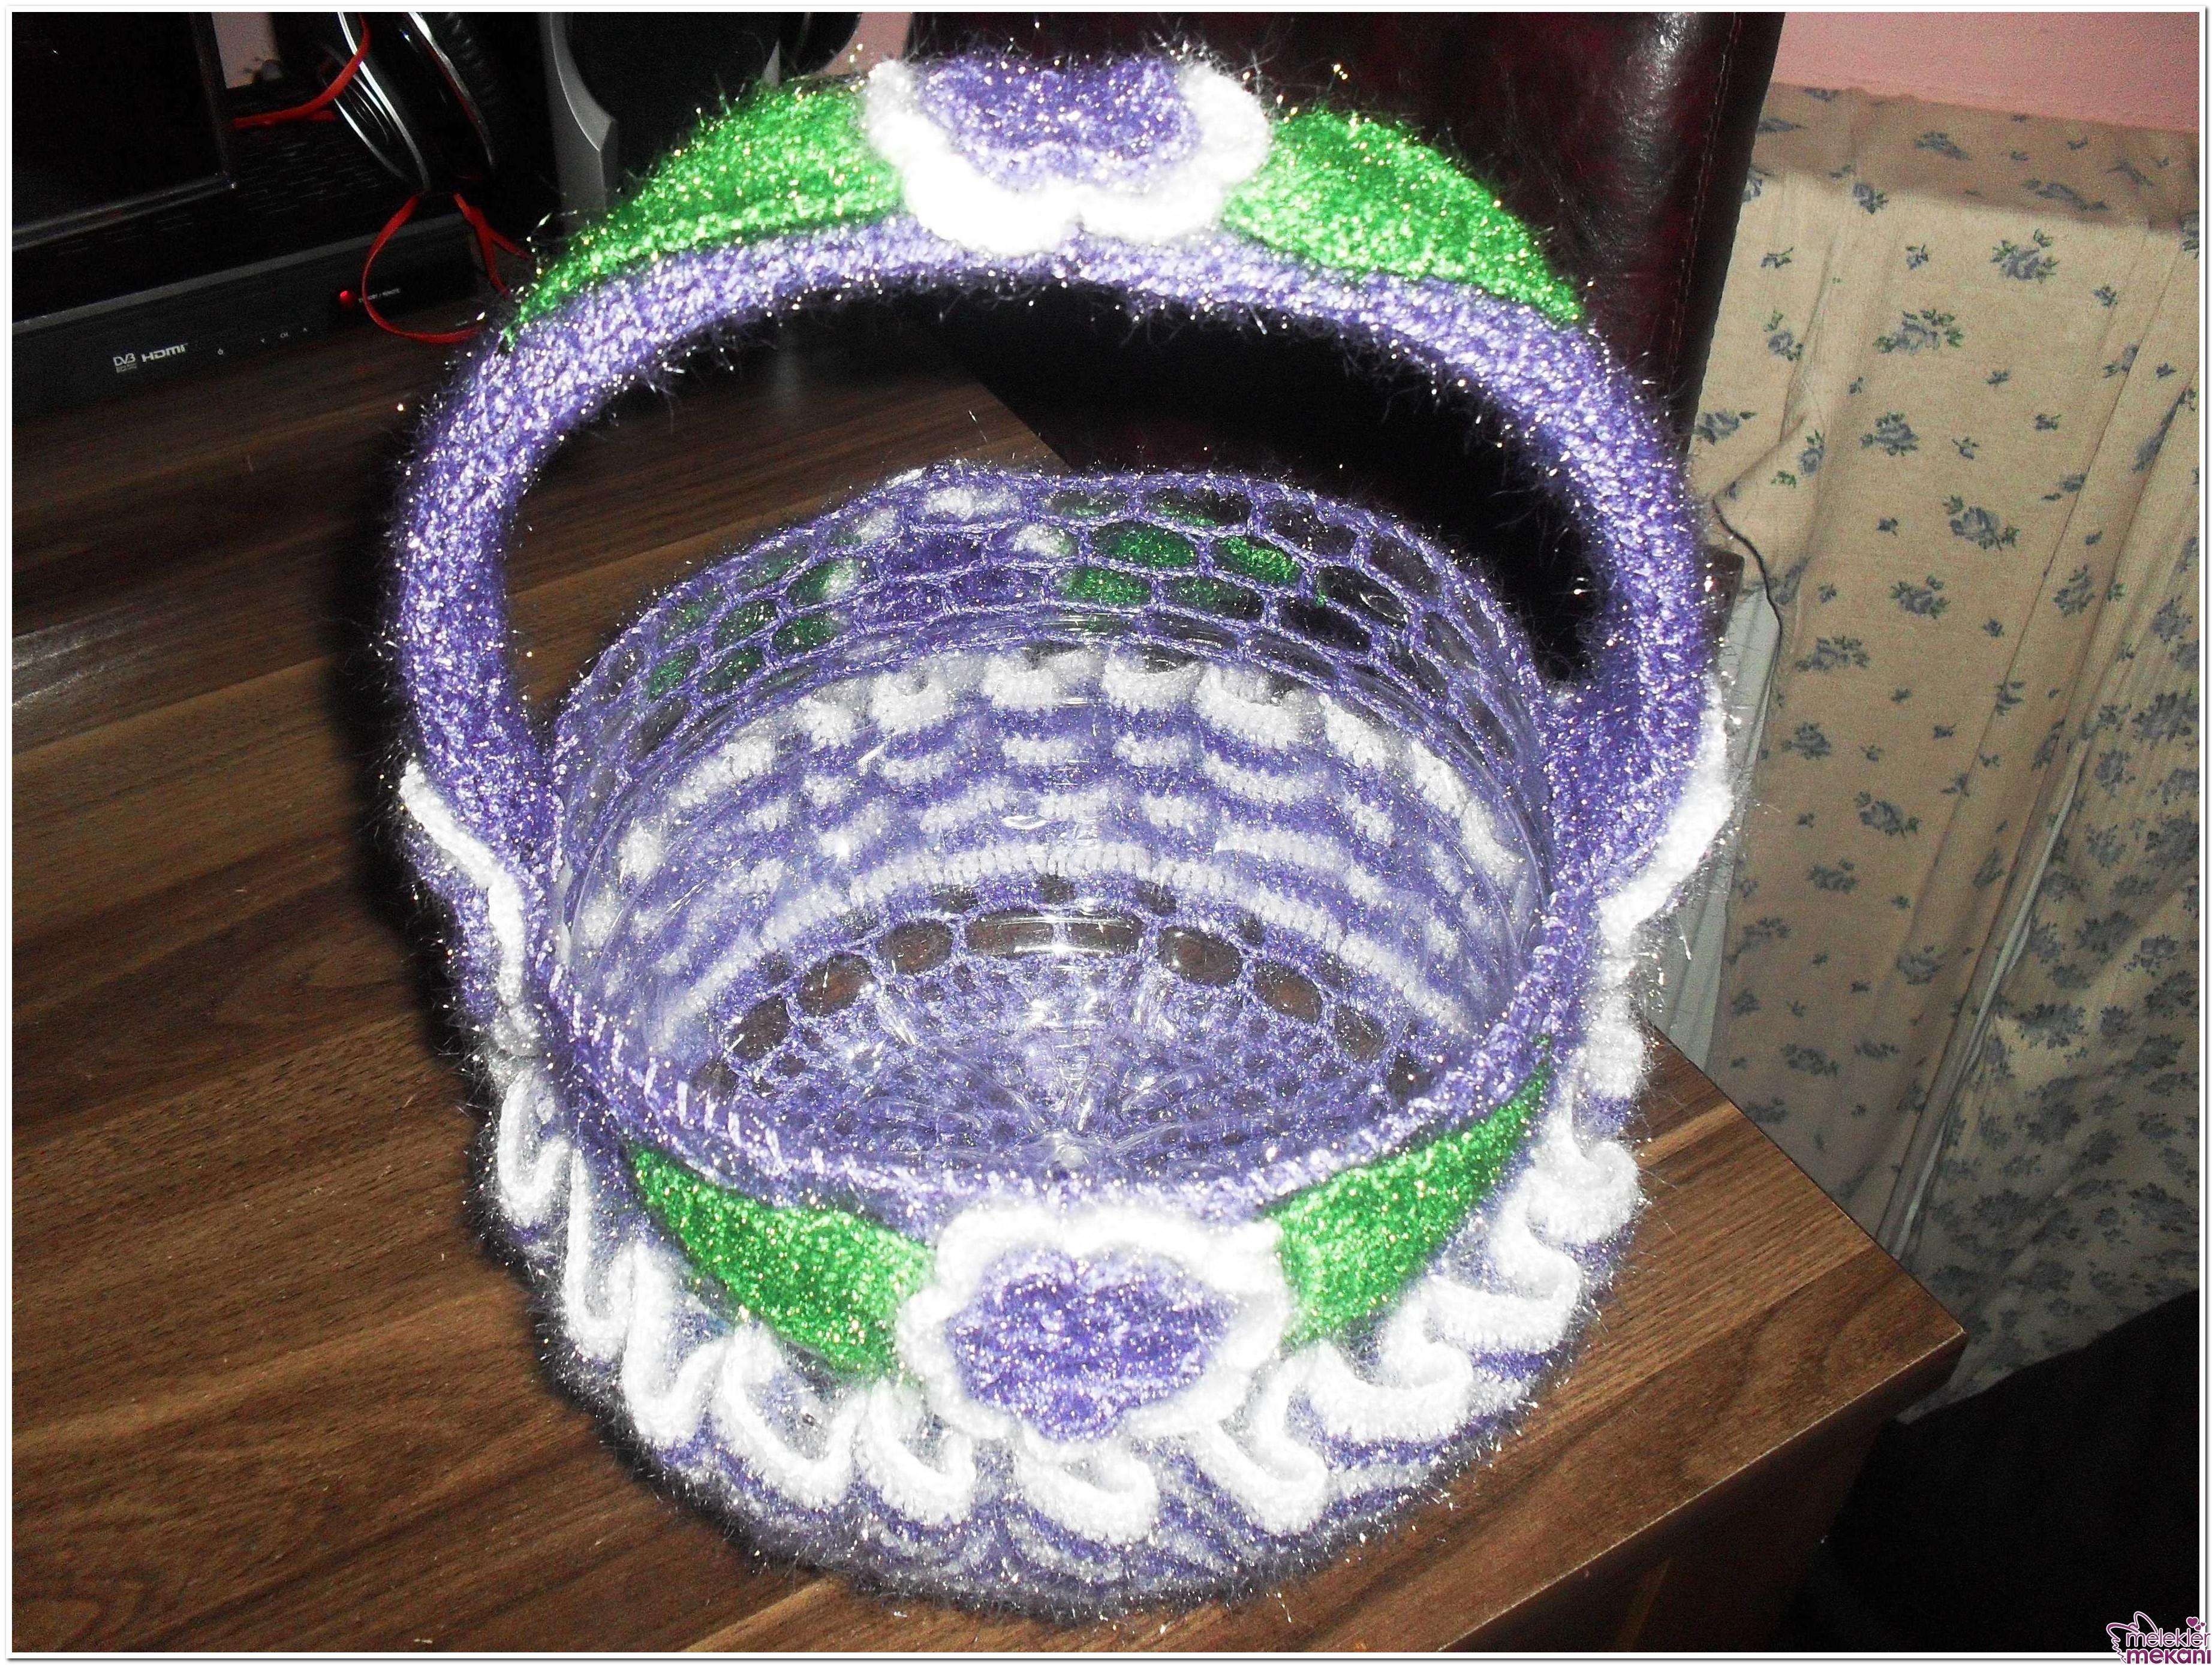 orgu-sepet-ornekleri-jpg.81612,Yoğurt kabından çok amaçlı sepet modelleri ve yapılışı